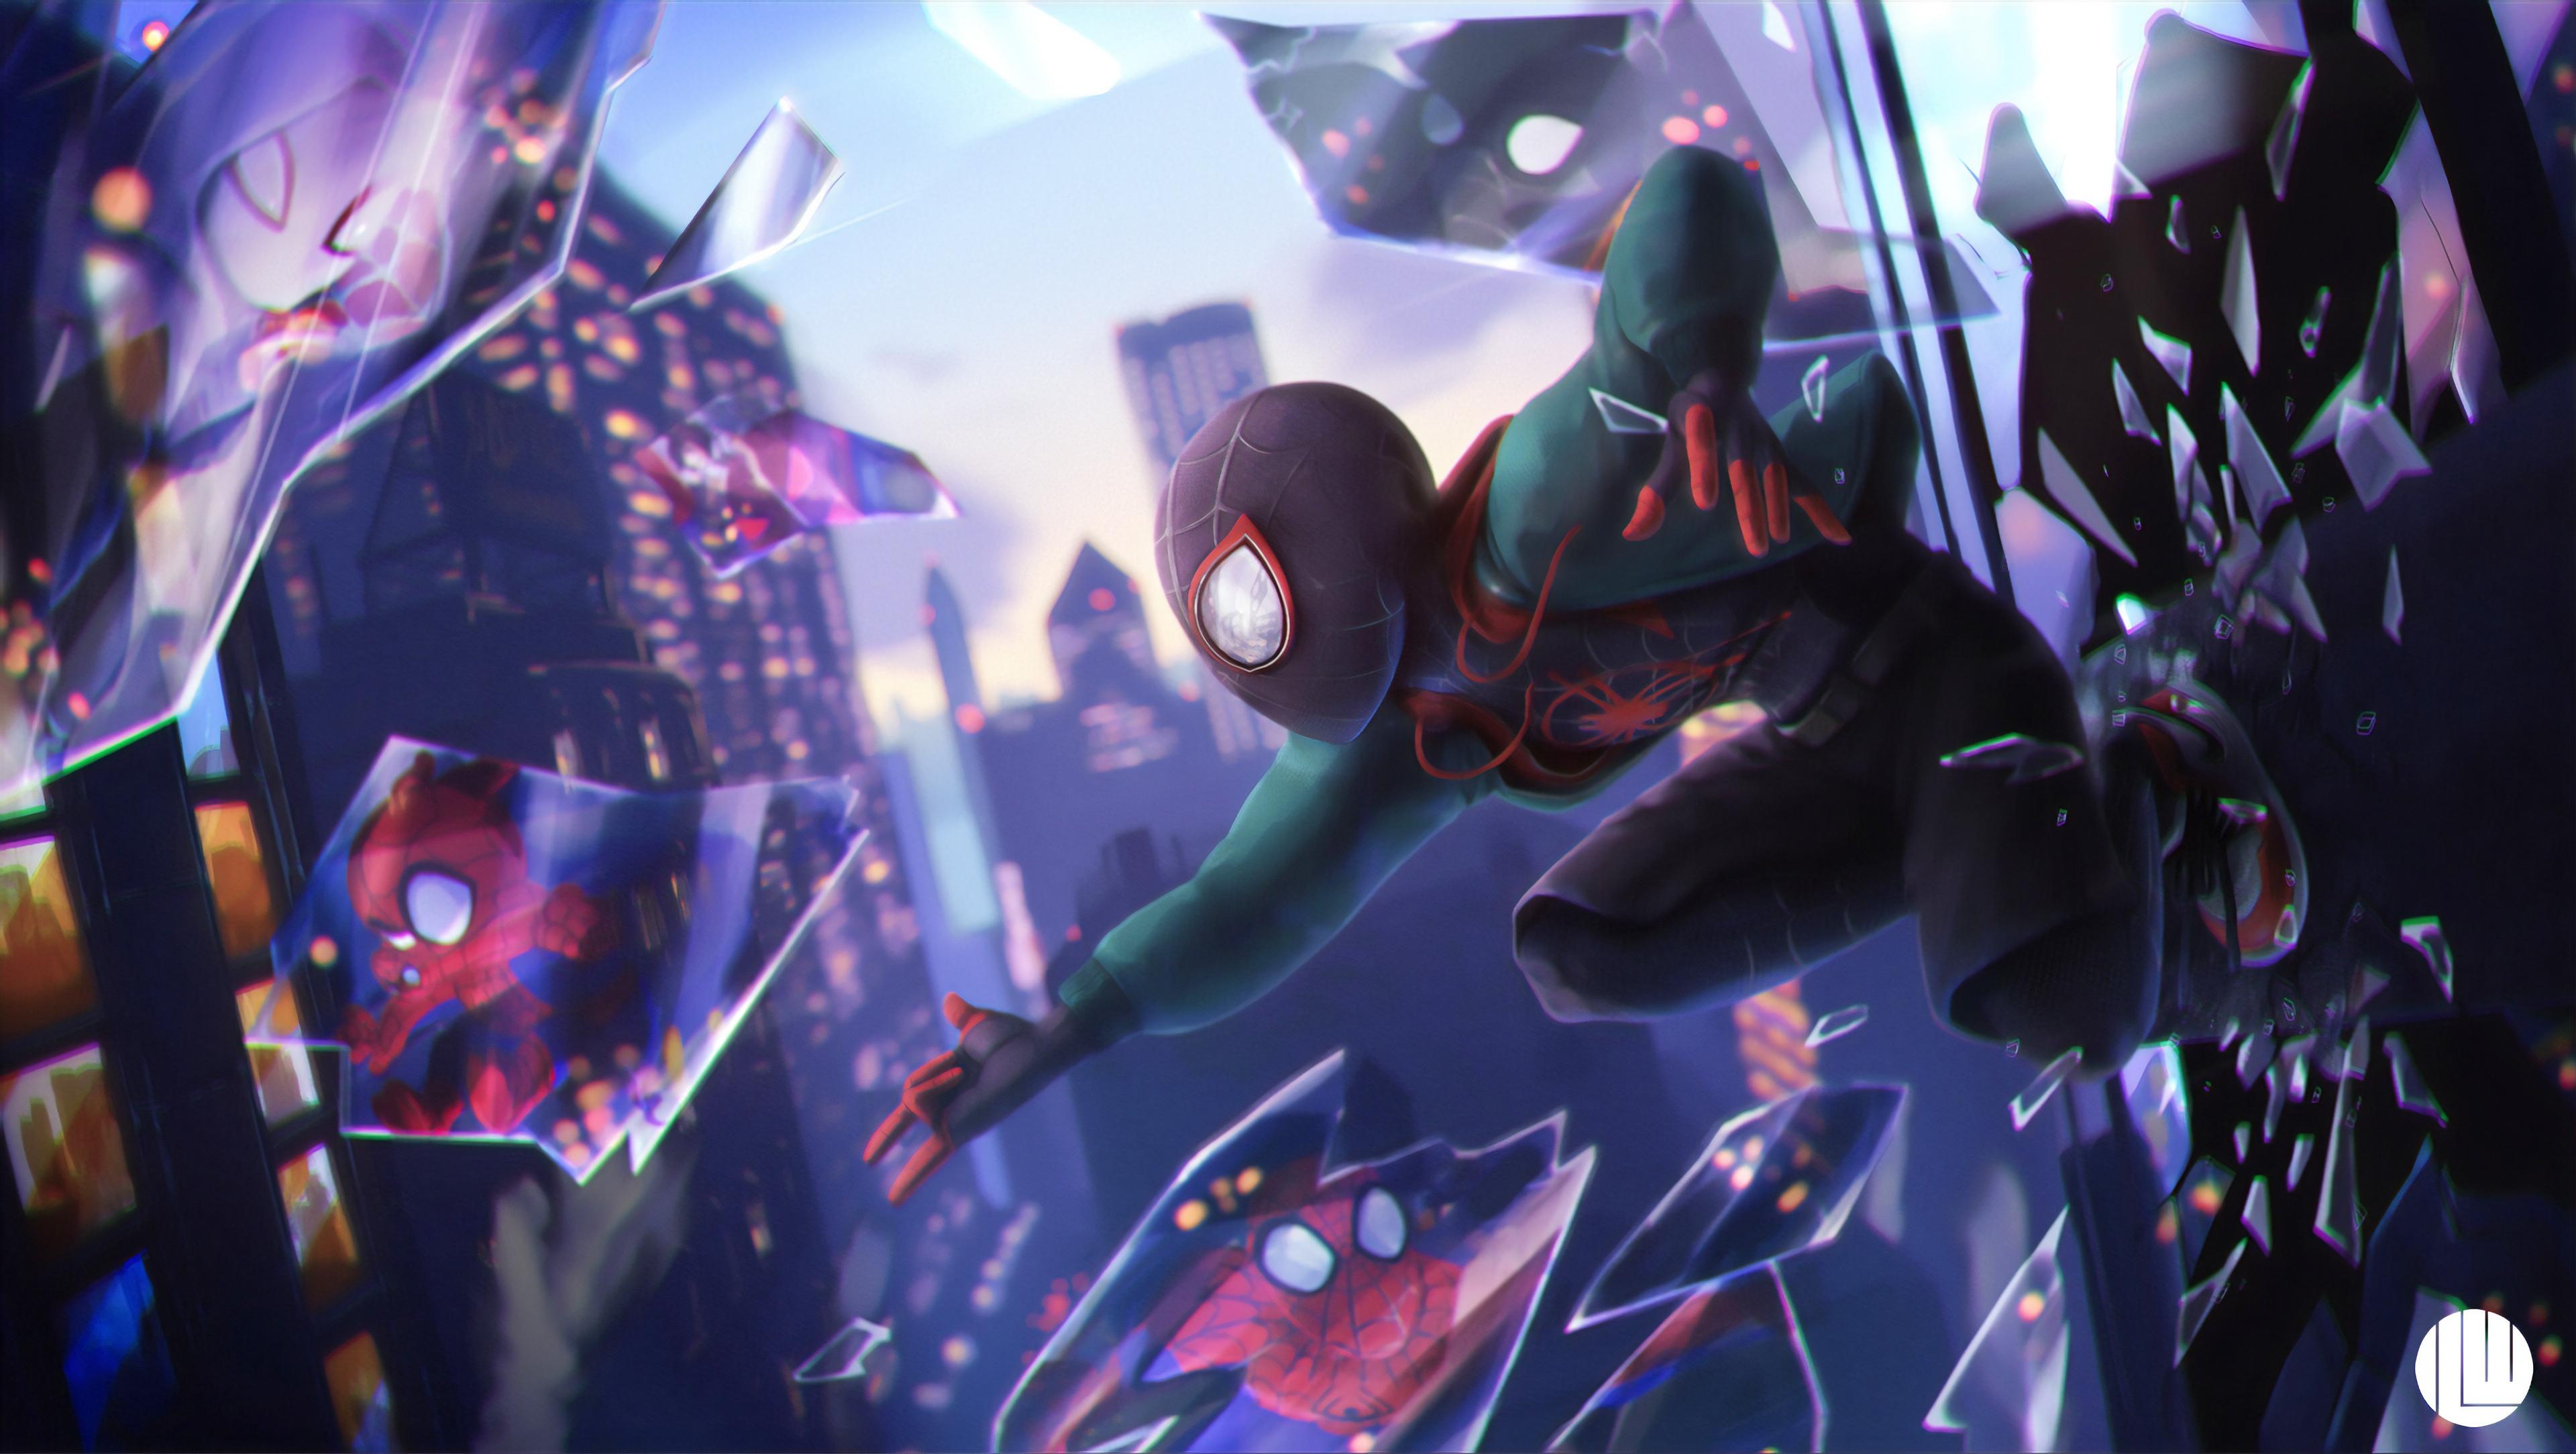 Fondos De Pantalla Para Pc De Spiderman Un Nuevo Universo - HD Wallpaper